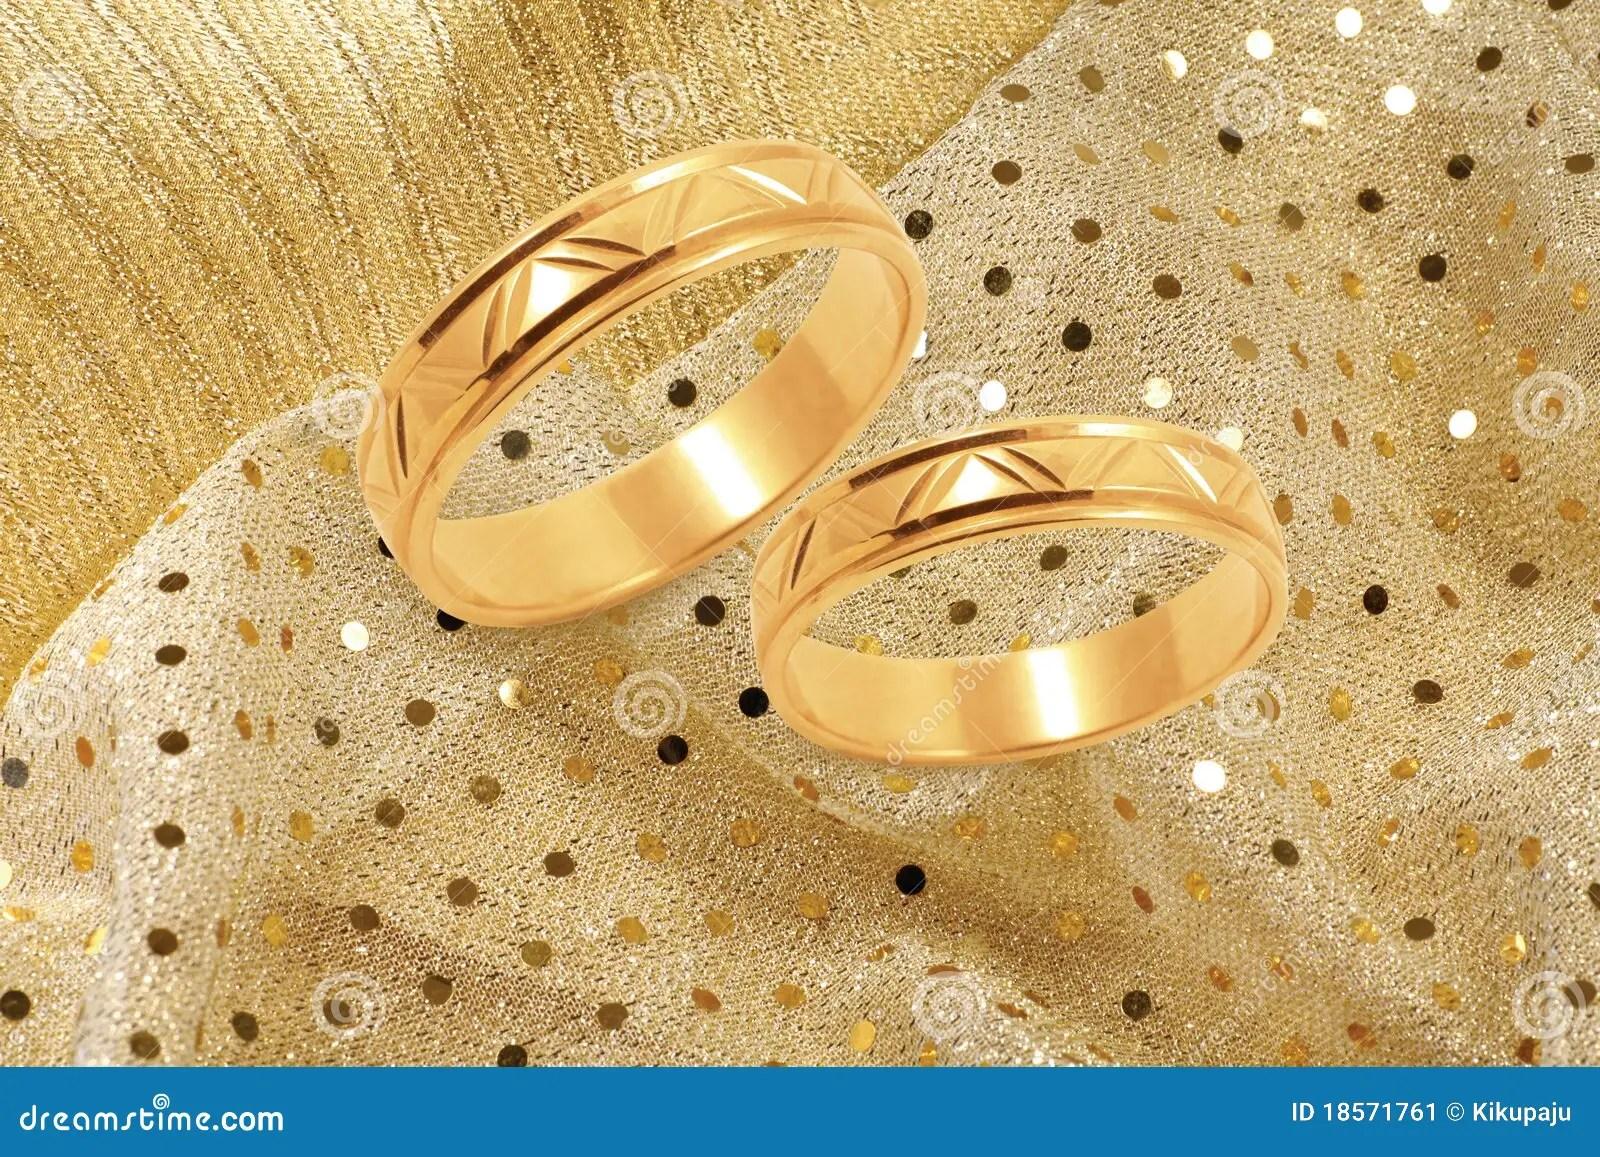 Gold Wedding Rings On Golden Festive Background Stock